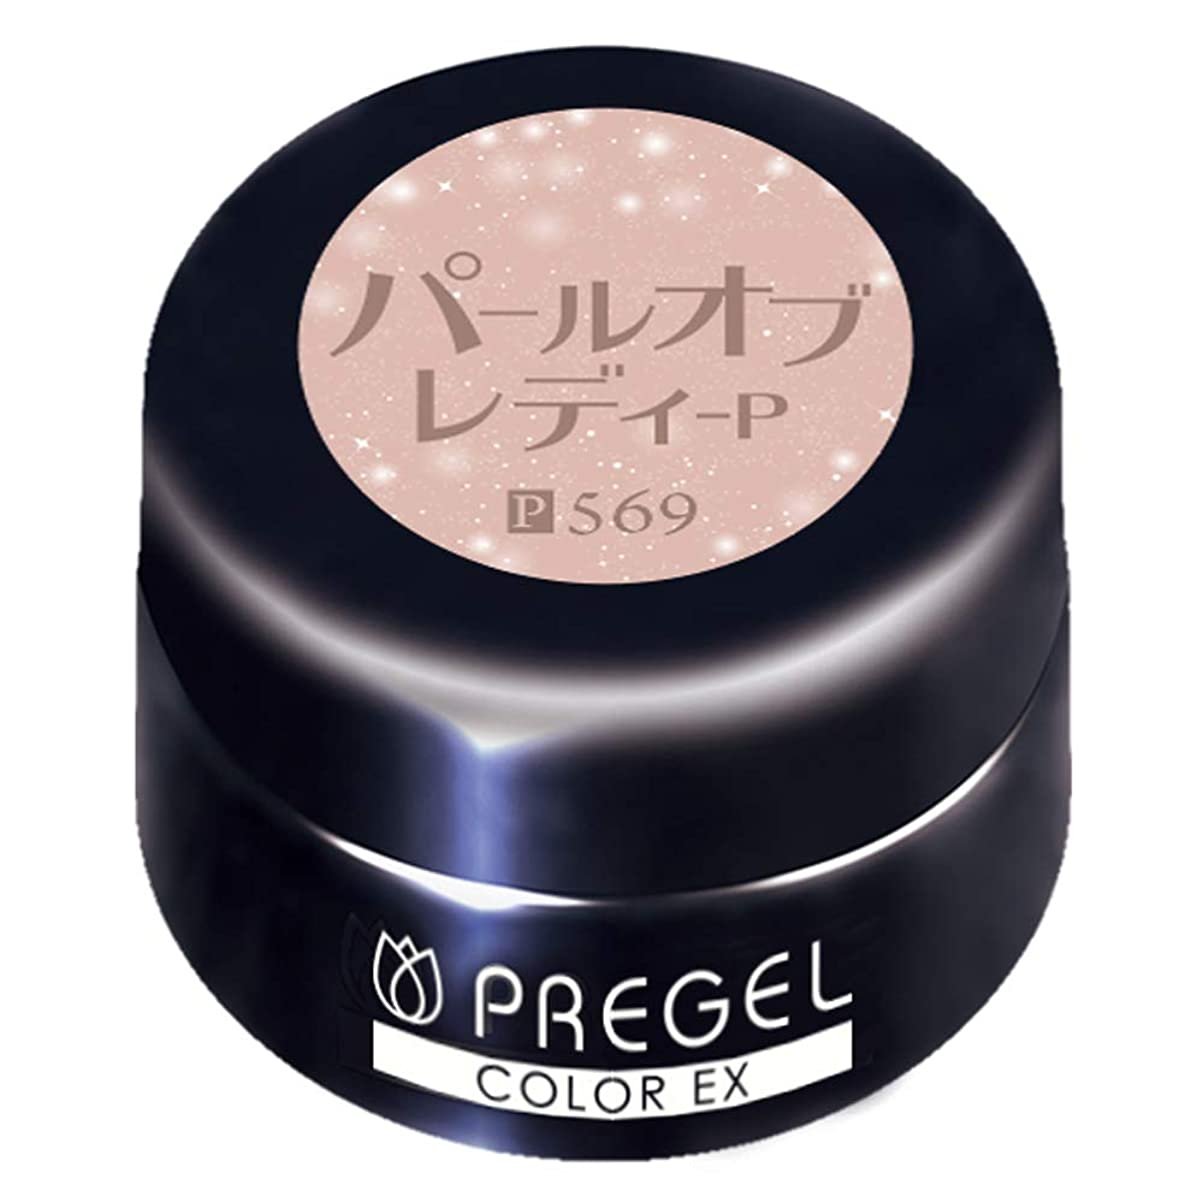 注ぎます階下怠感PRE GEL(プリジェル) PRE GEL カラージェル カラーEX パールオブレディ-P 3g PG-CE569 UV/LED対応 ジェルネイル